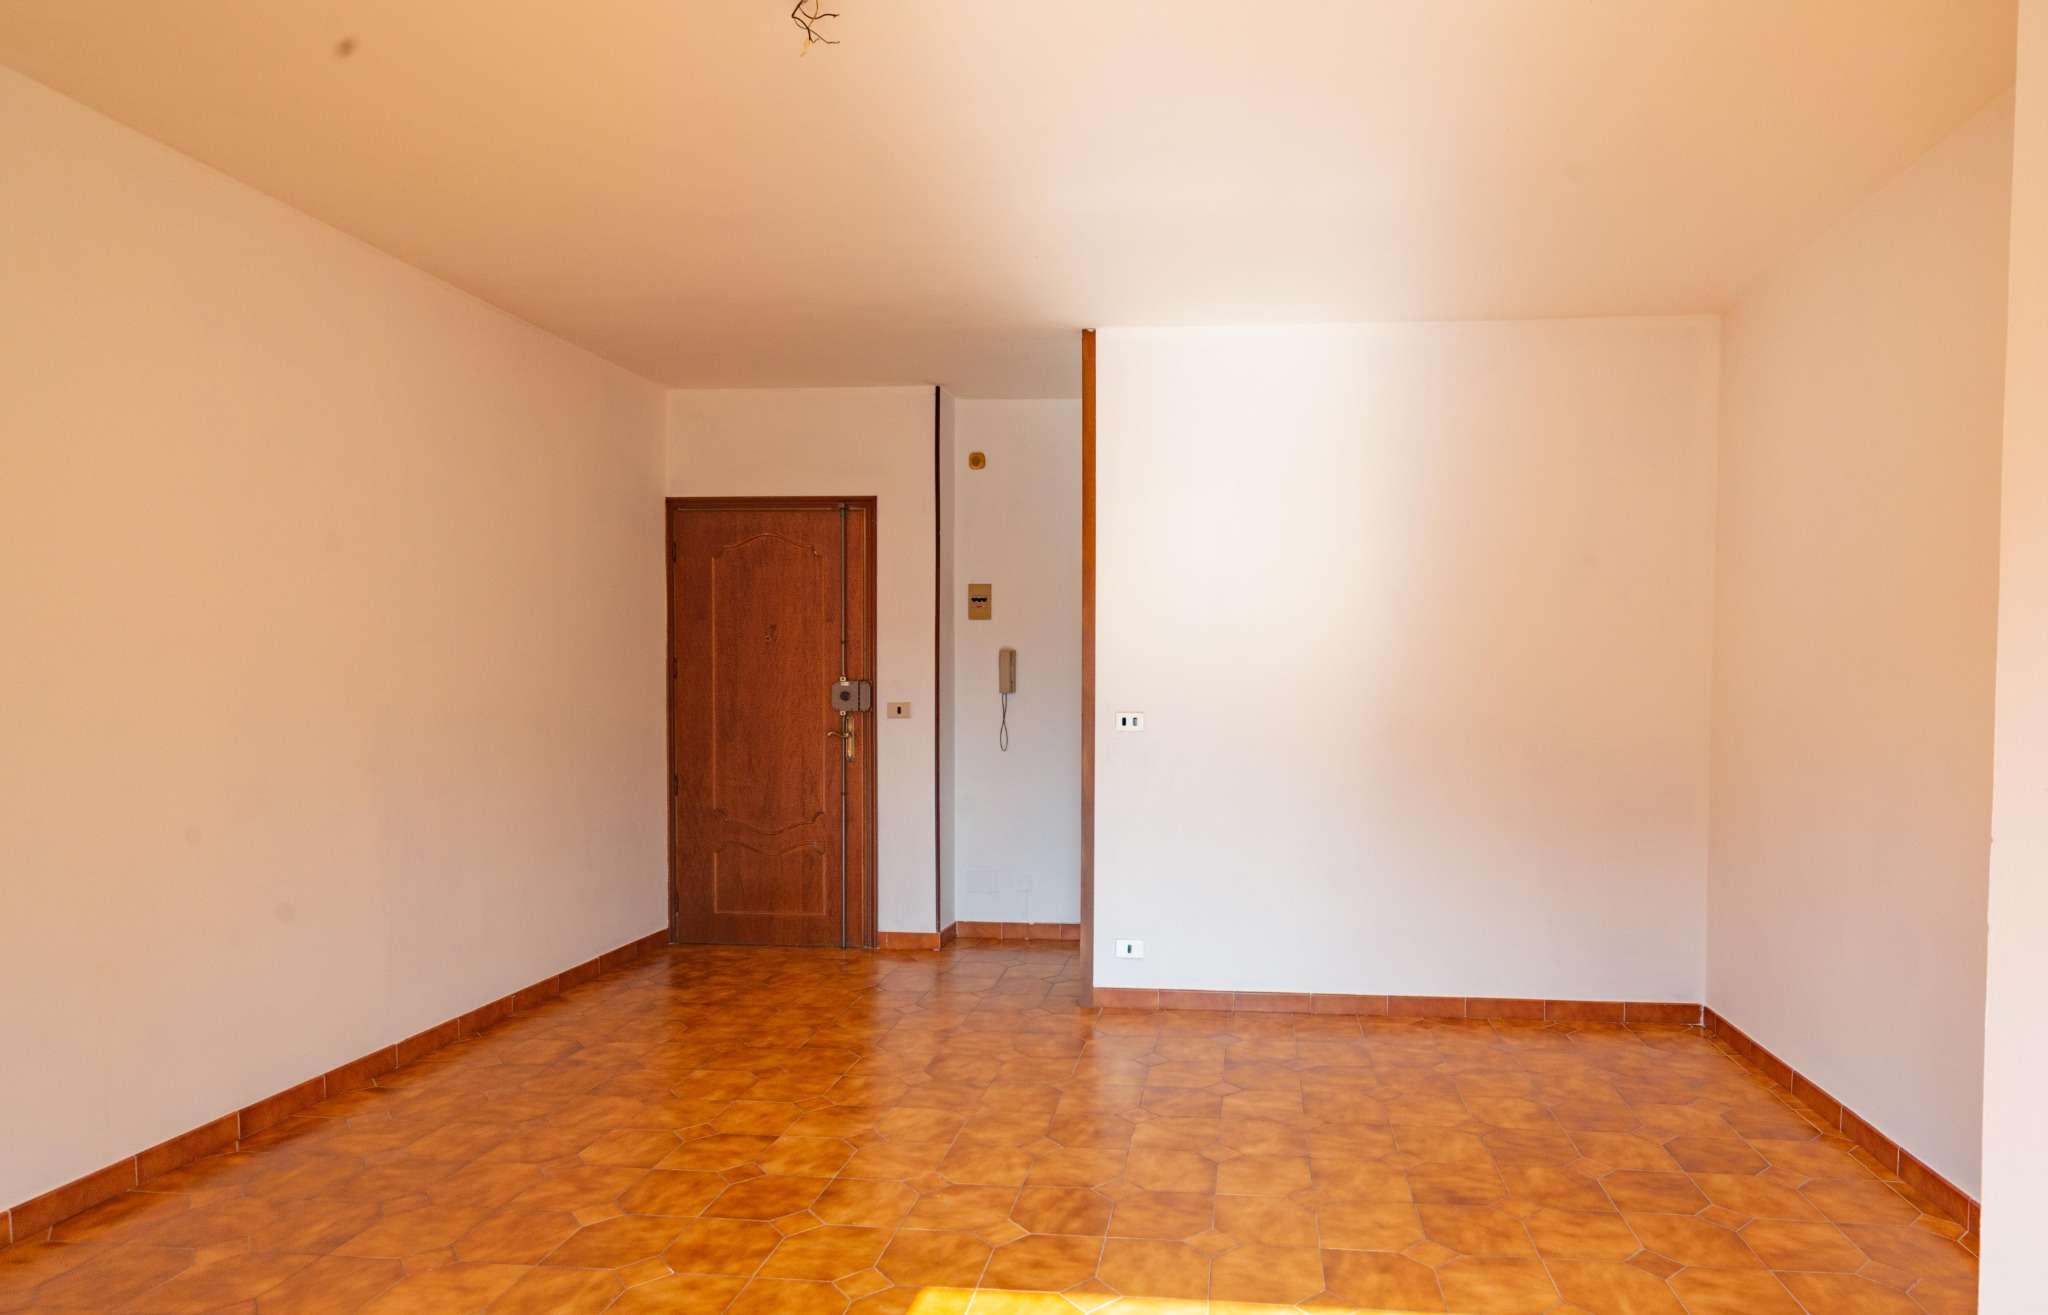 Appartamento in vendita a Busca, 3 locali, prezzo € 64.000 | PortaleAgenzieImmobiliari.it